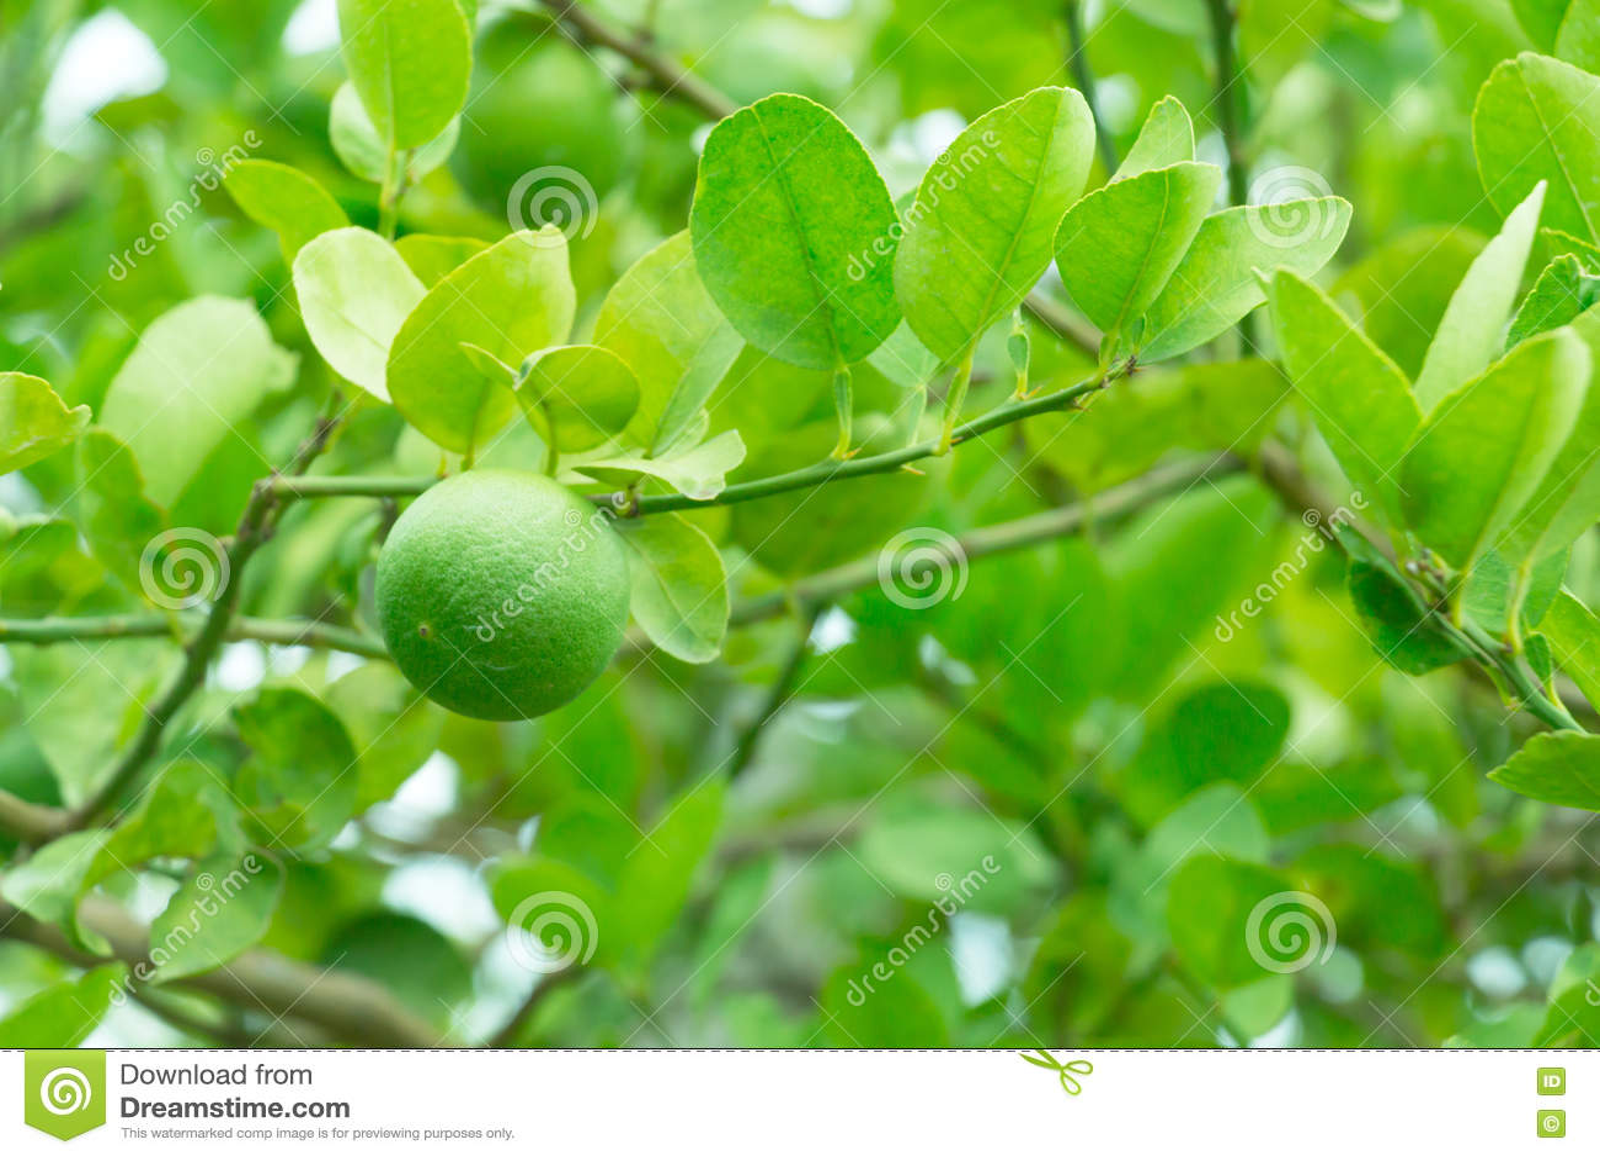 Limão verde na árvore